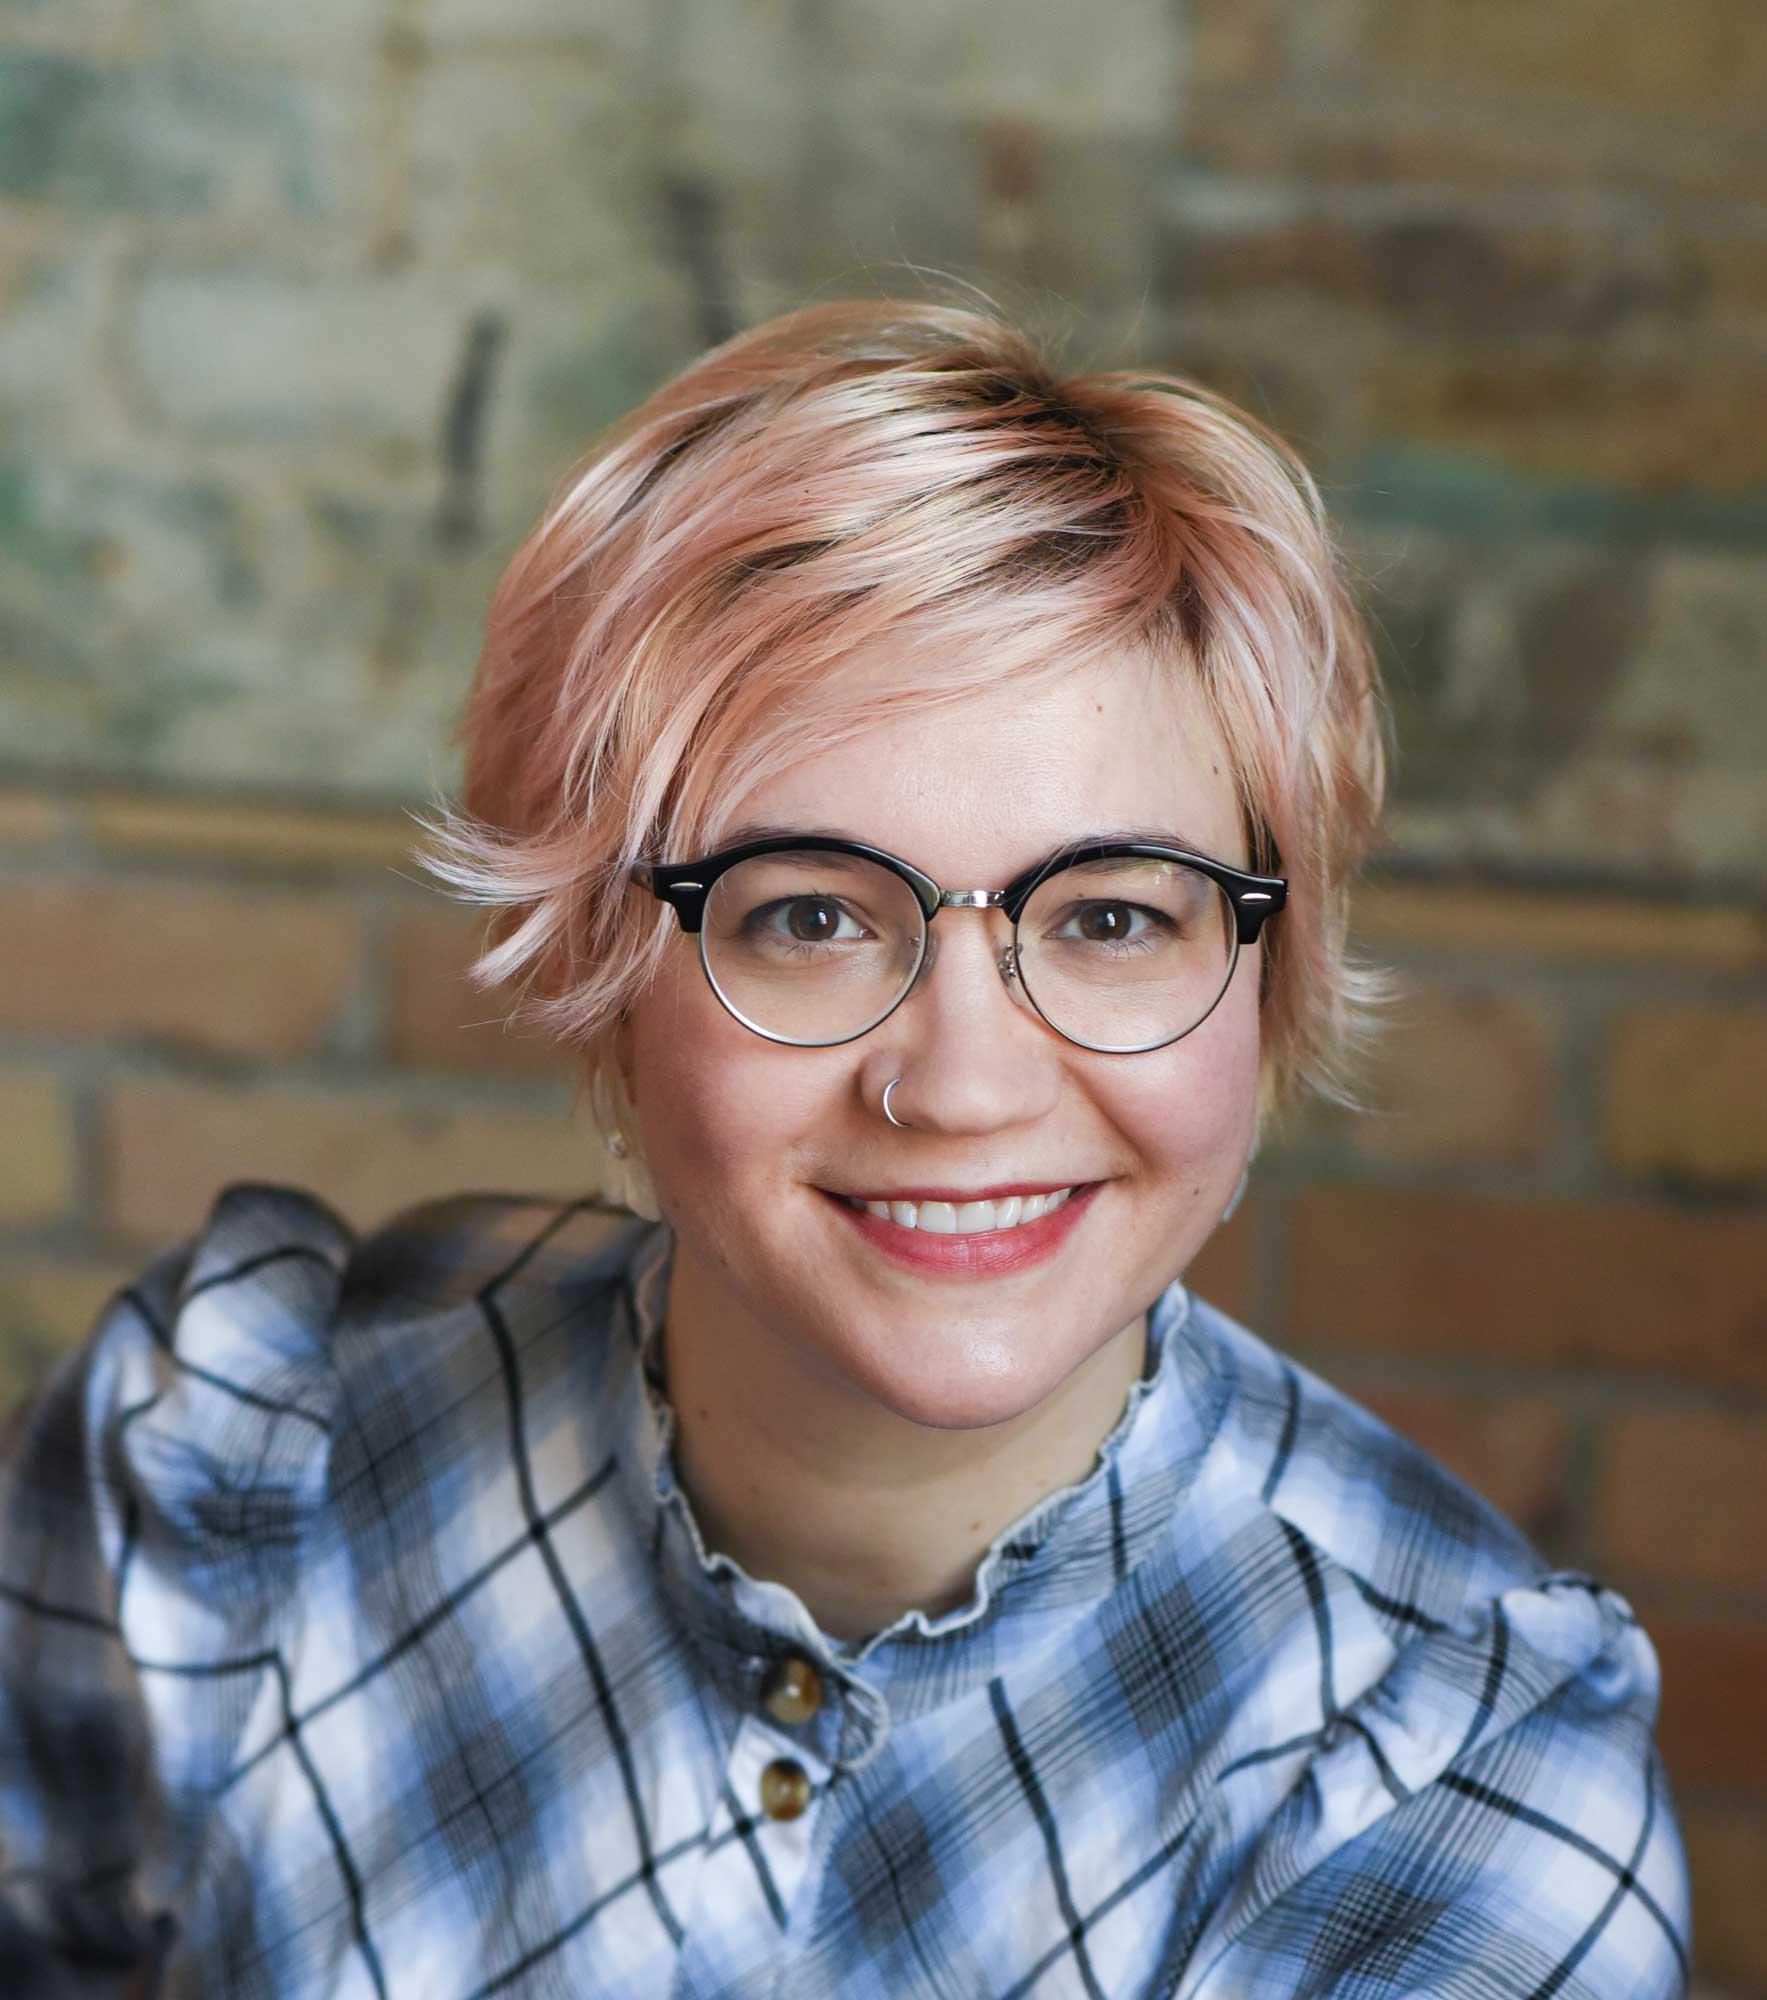 Headshot of fiber artist Kristina Fjellman.